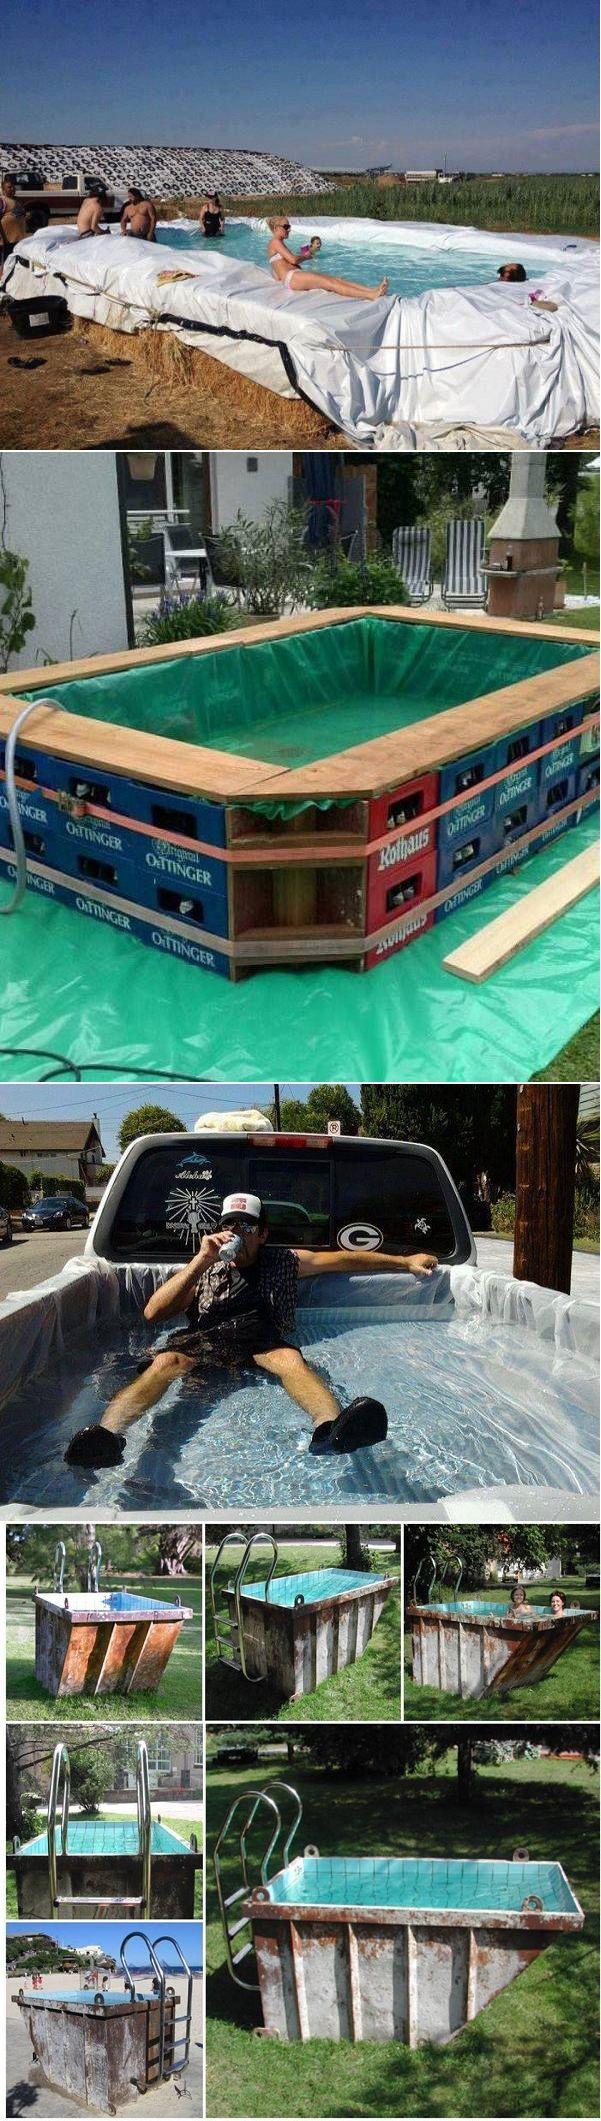 DIY Swimming Pool: Cool and Fun